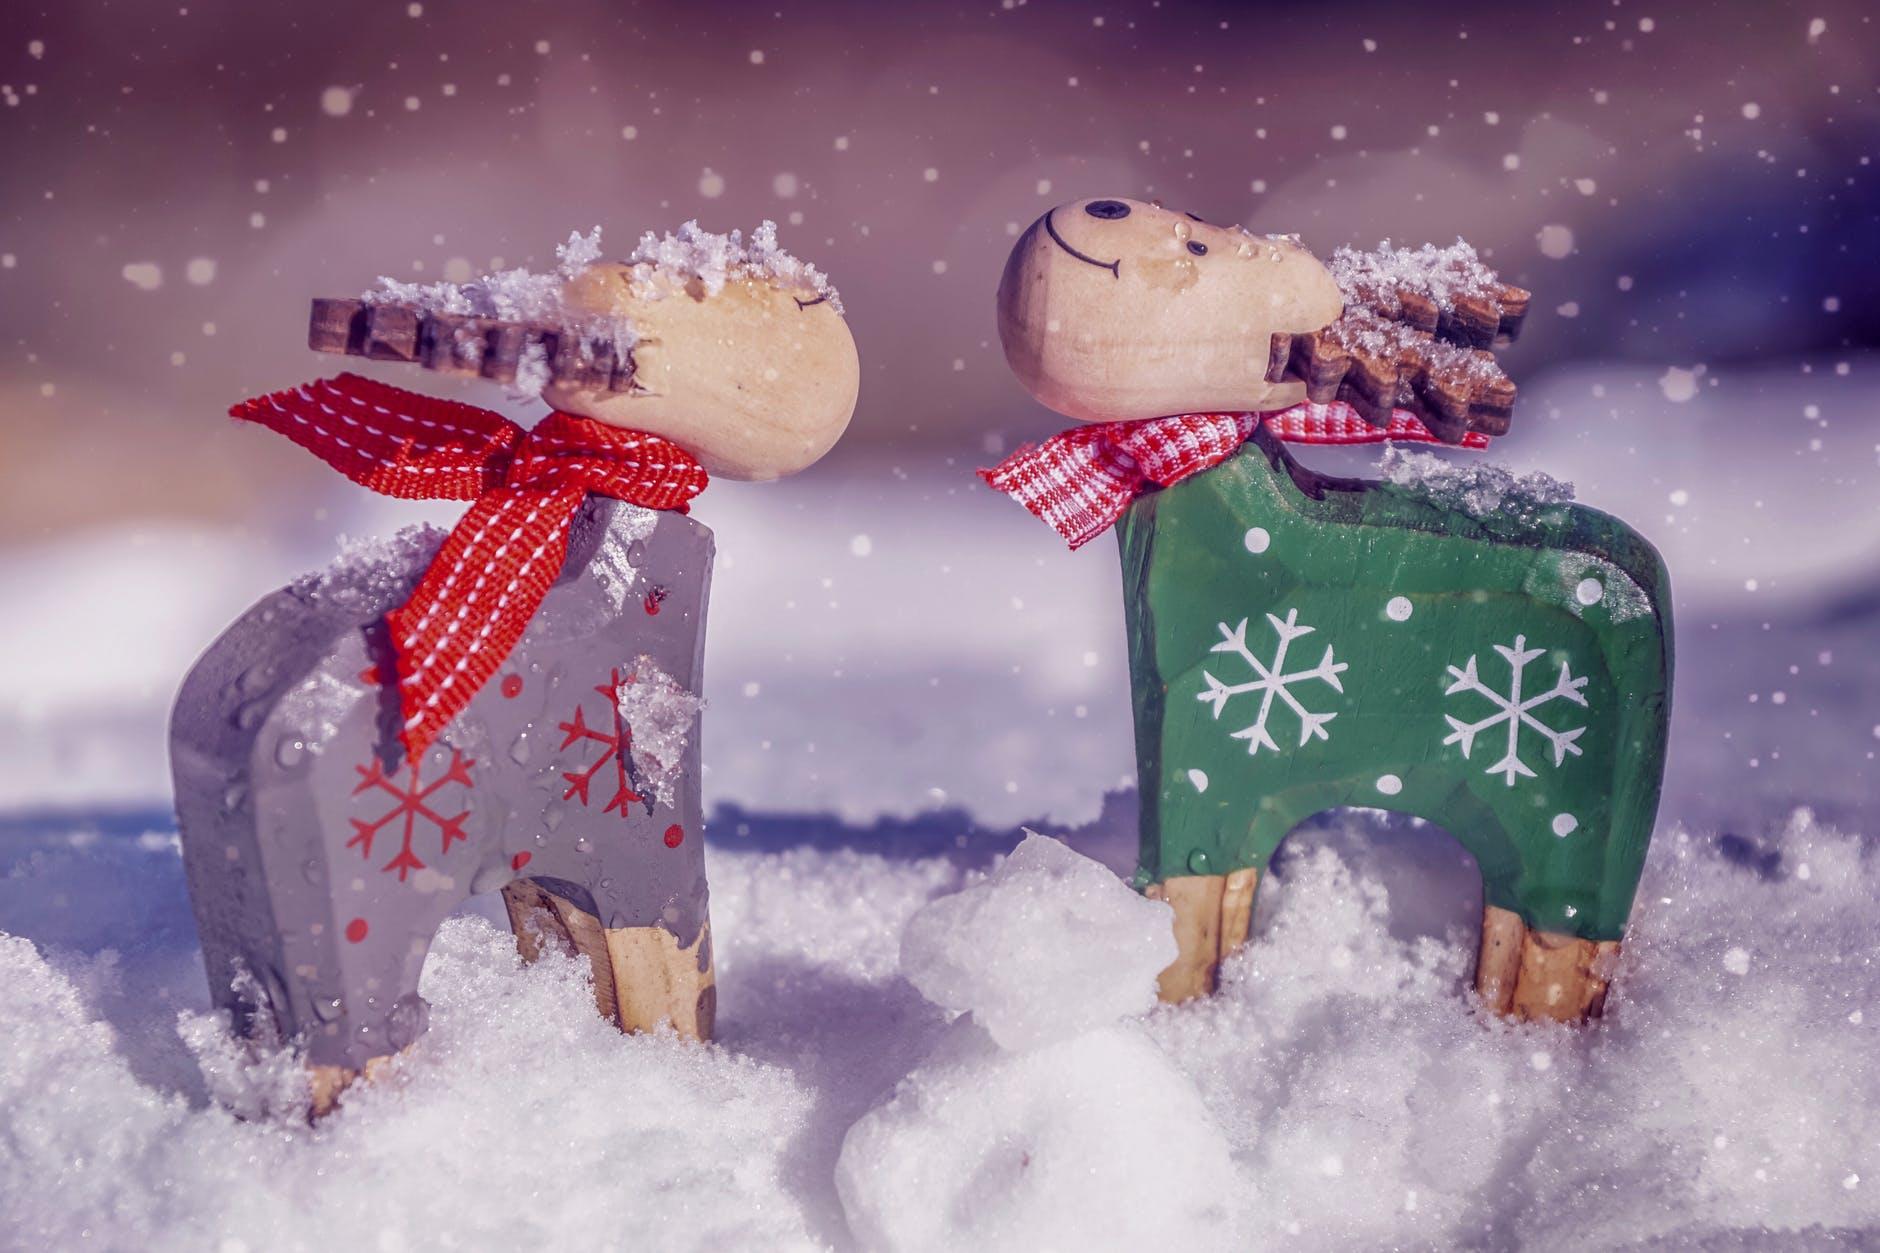 two reindeer figurines